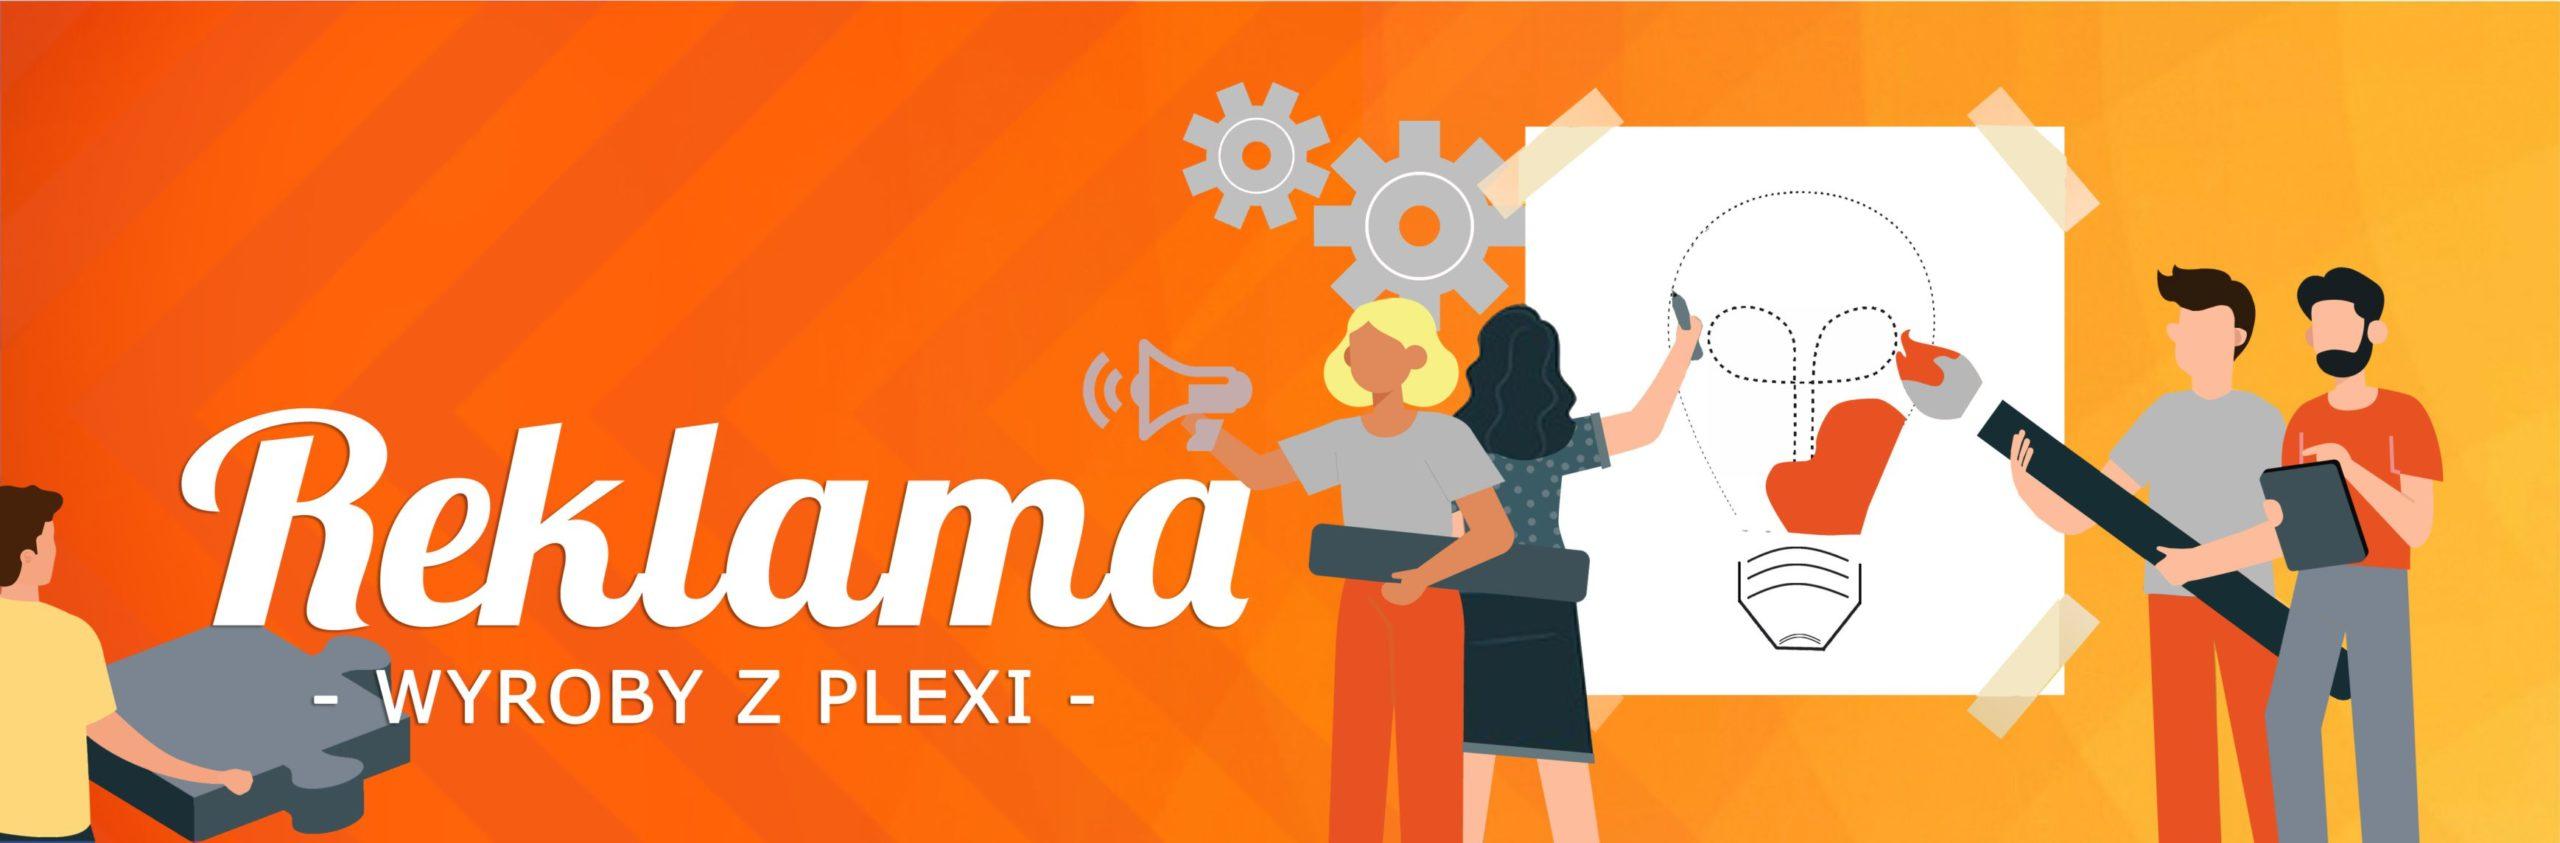 baner pomaranczowy kreatywny reklama wyroby z plexy